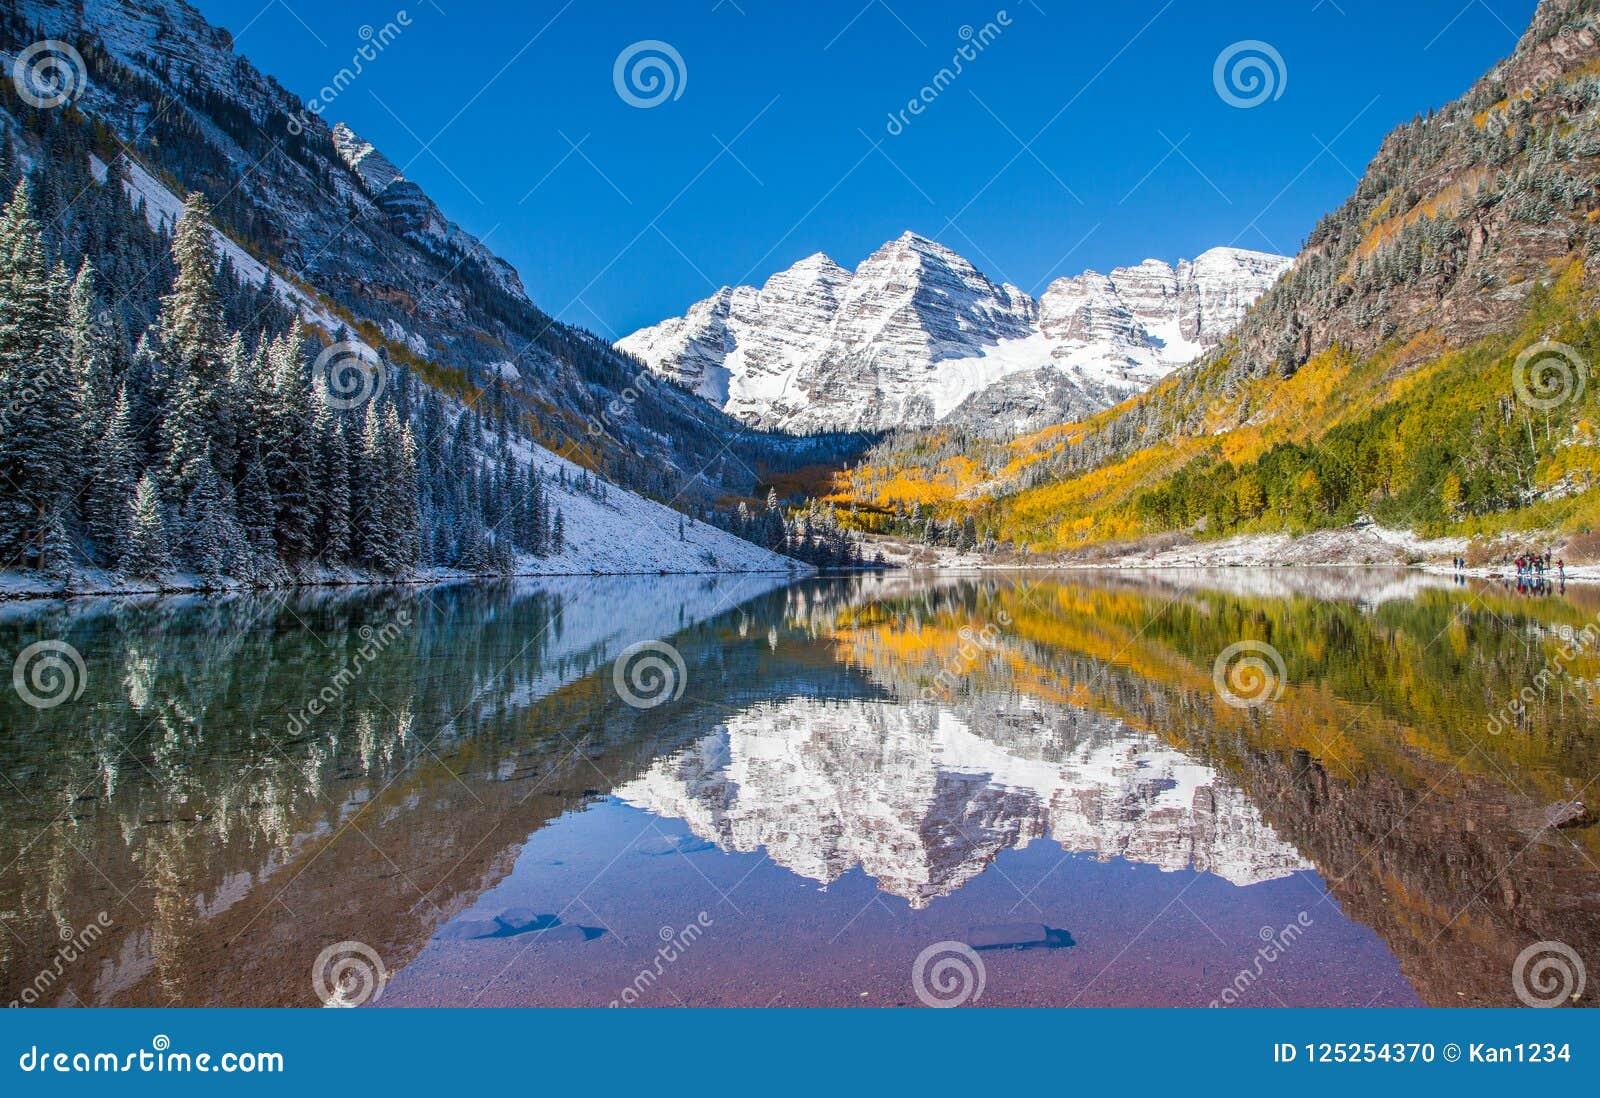 Belces marrón en follaje de otoño después de la tormenta de la nieve en Aspen, Colorado